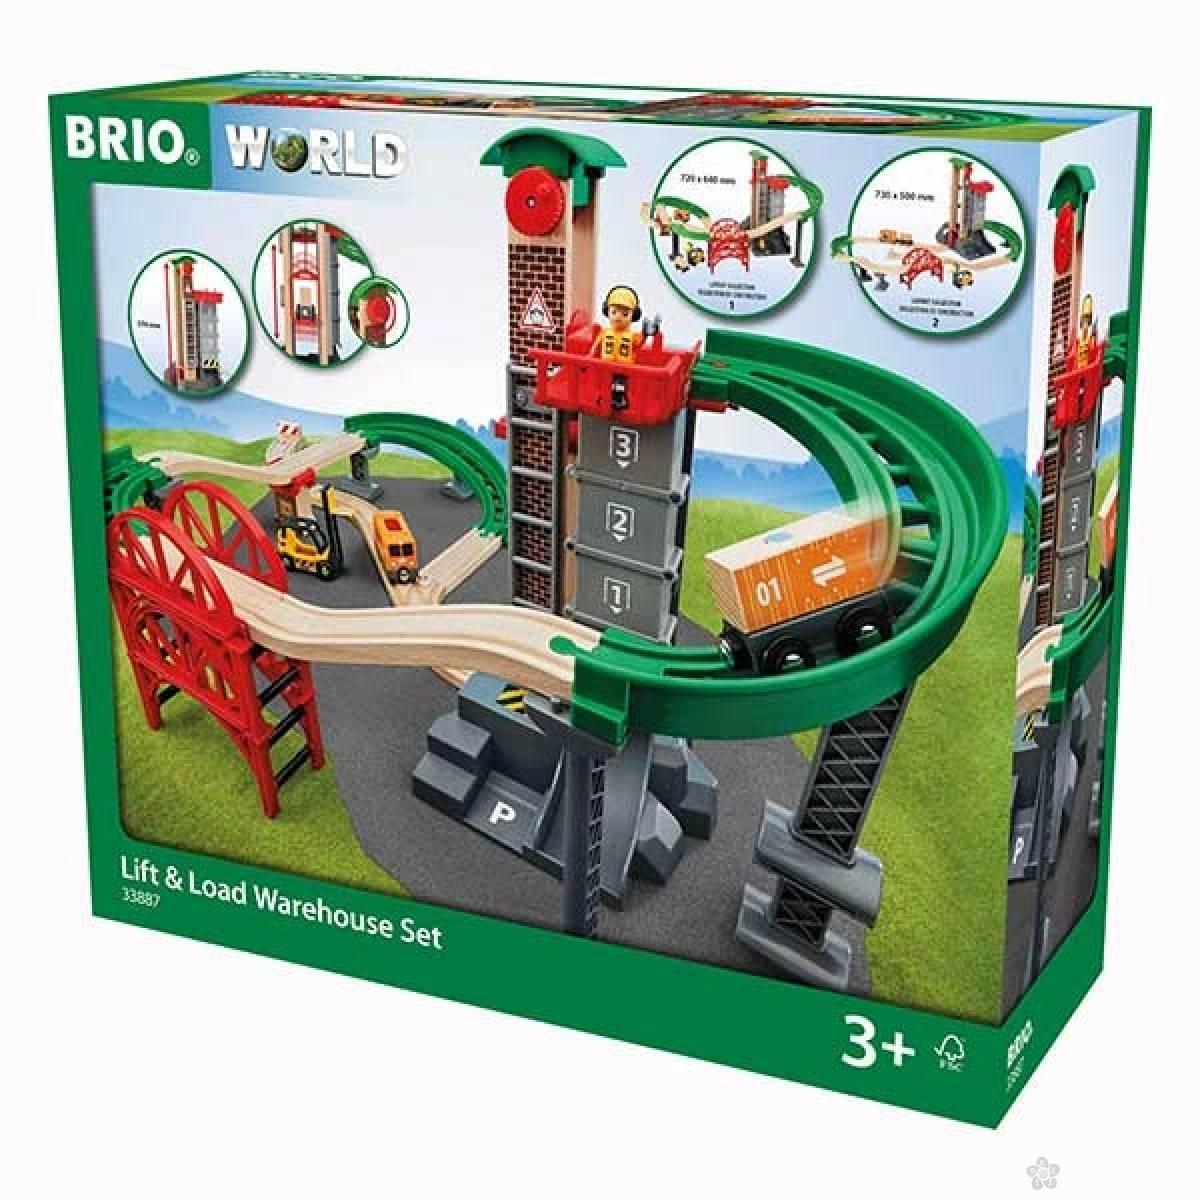 Skladište sa opremom za dizanje i utovar Brio BR33887